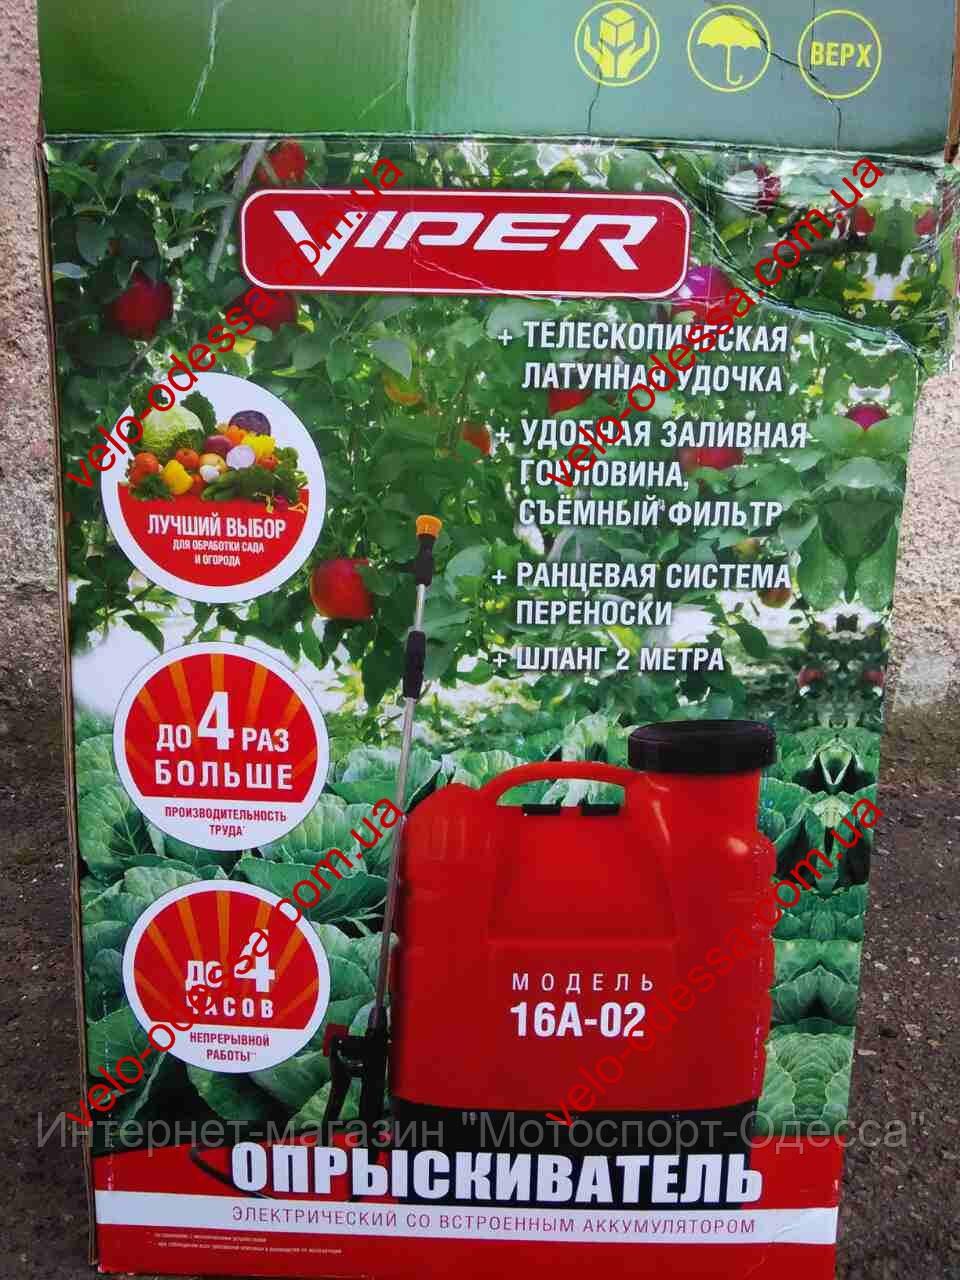 Опрыскиватель  Viper 16А-02 электрический